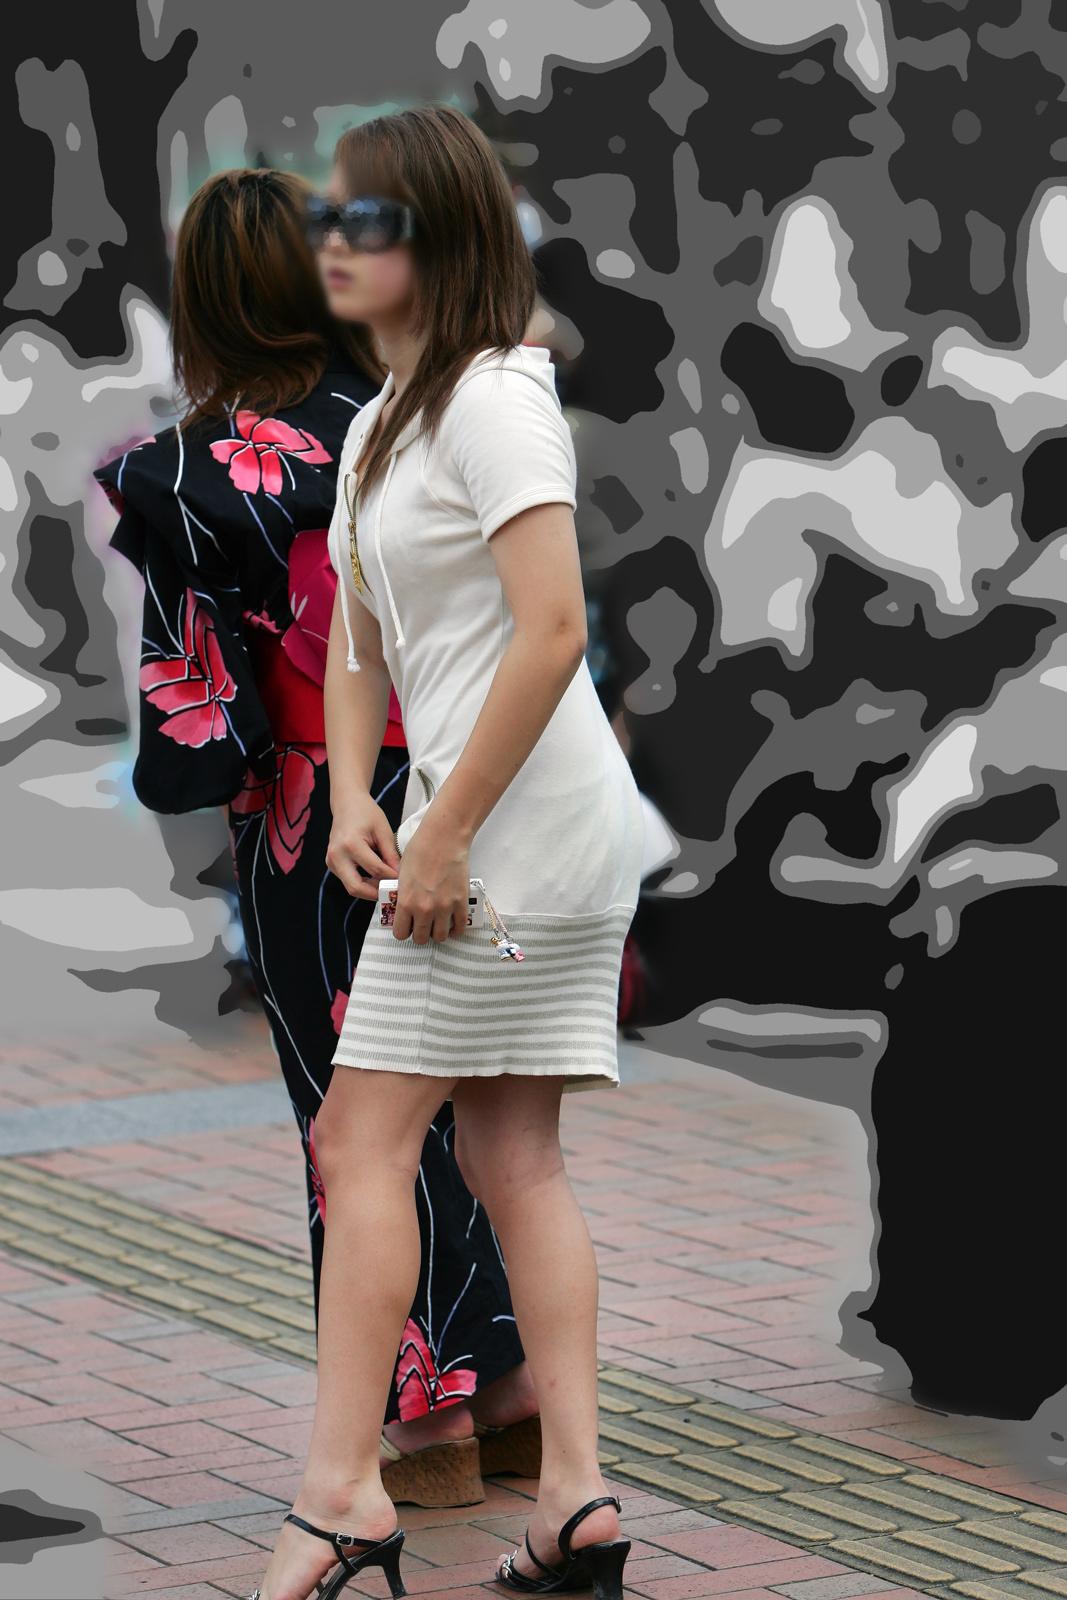 【着胸エロ画像】見逃されない目立つ膨らみw注目浴びがち街の着衣おっぱいwww 09